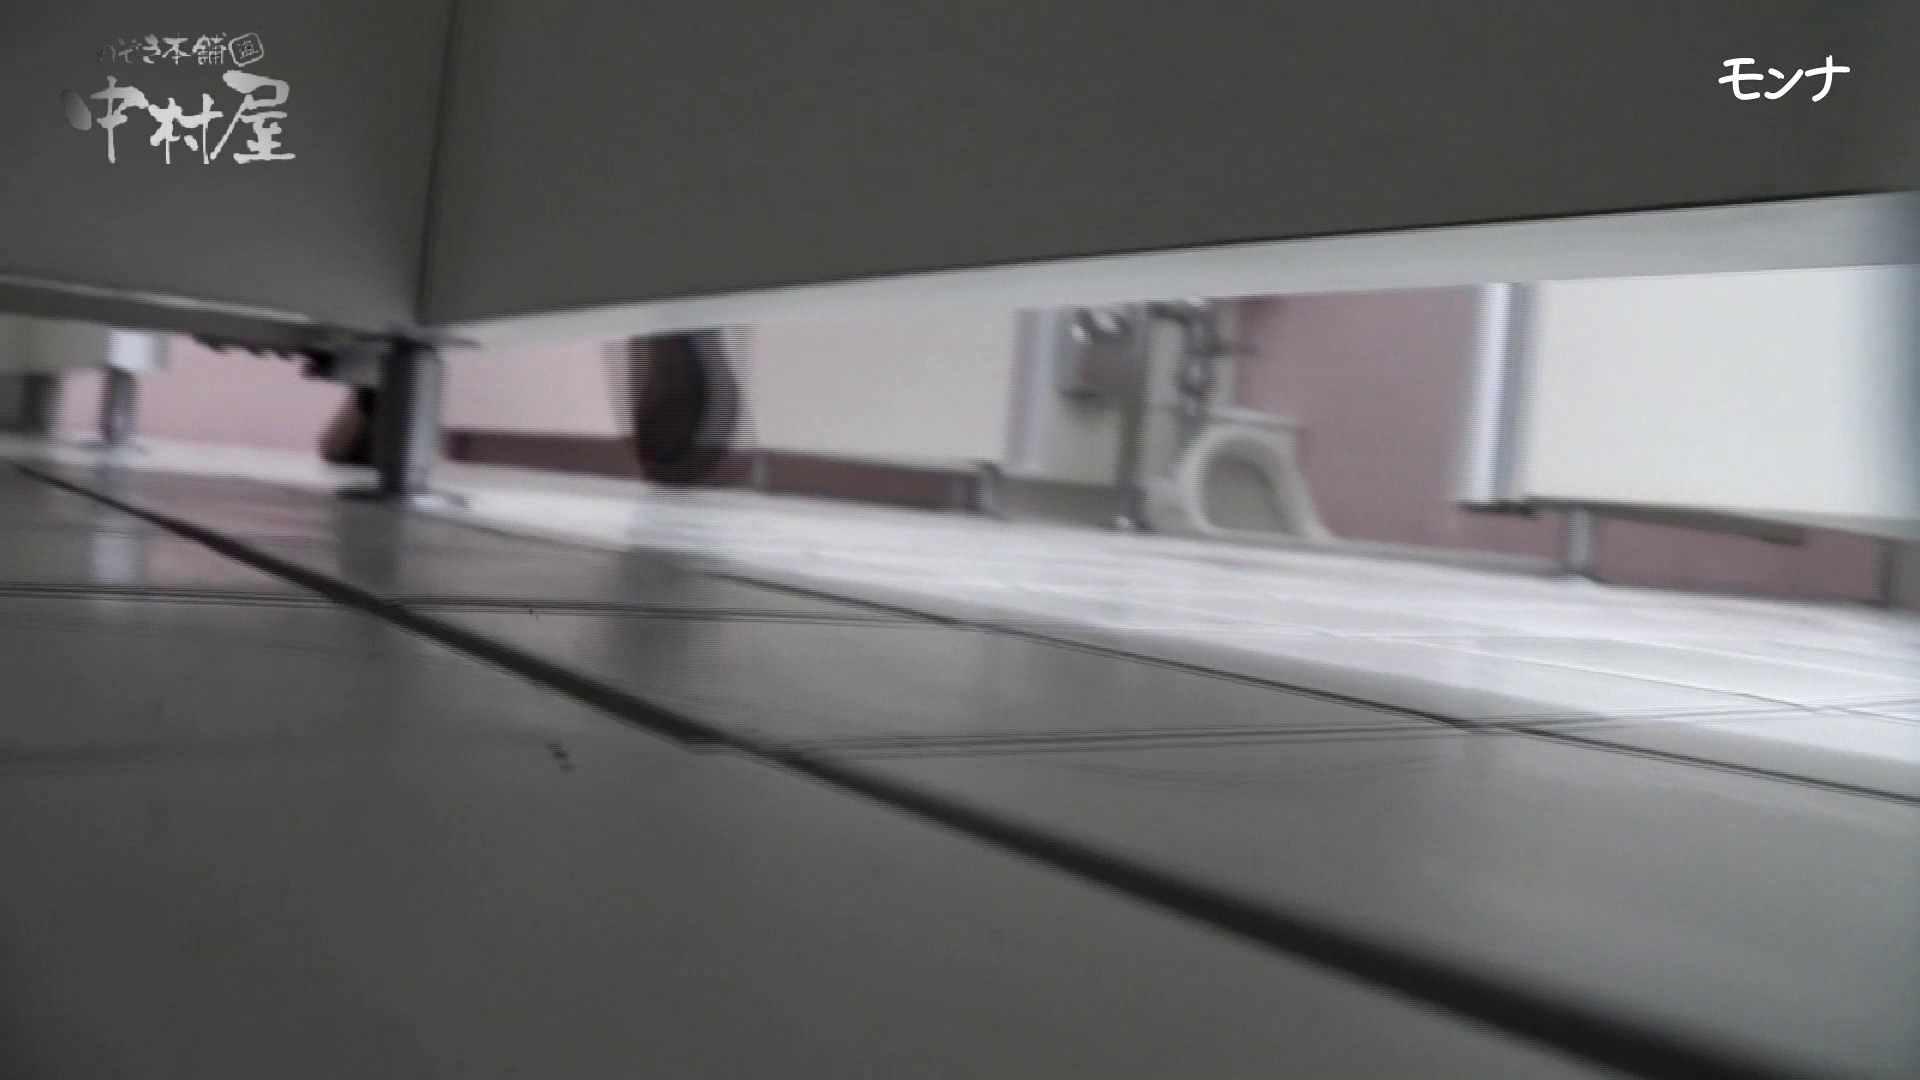 美しい日本の未来 No.47 冬Ver.進化 細い指でほじくりまくる!前編 無修正マンコ のぞき動画画像 45連発 43